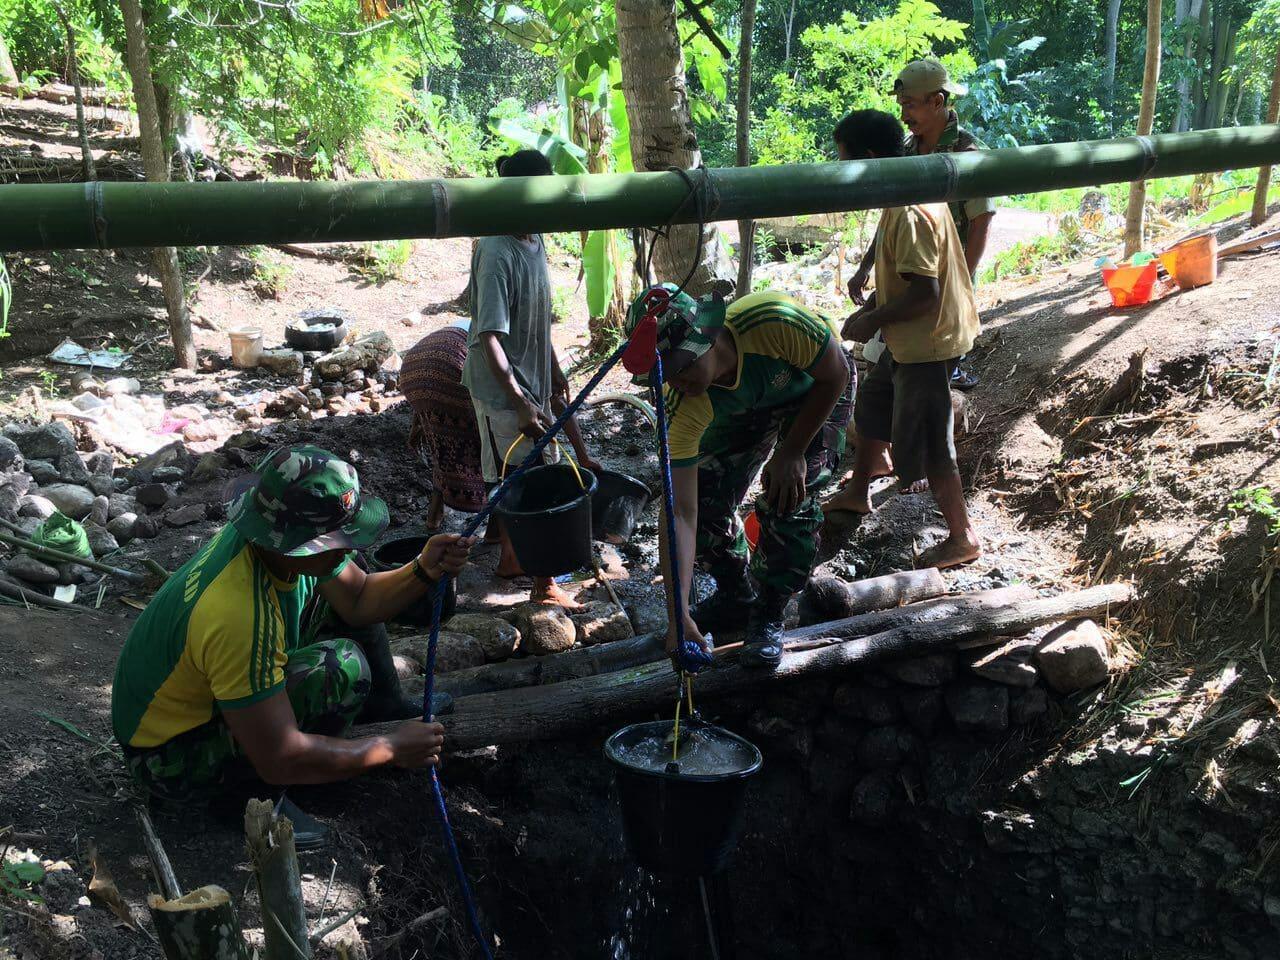 Prajurit Kostrad Atasi Masalah Air Bersih di Perbatasan